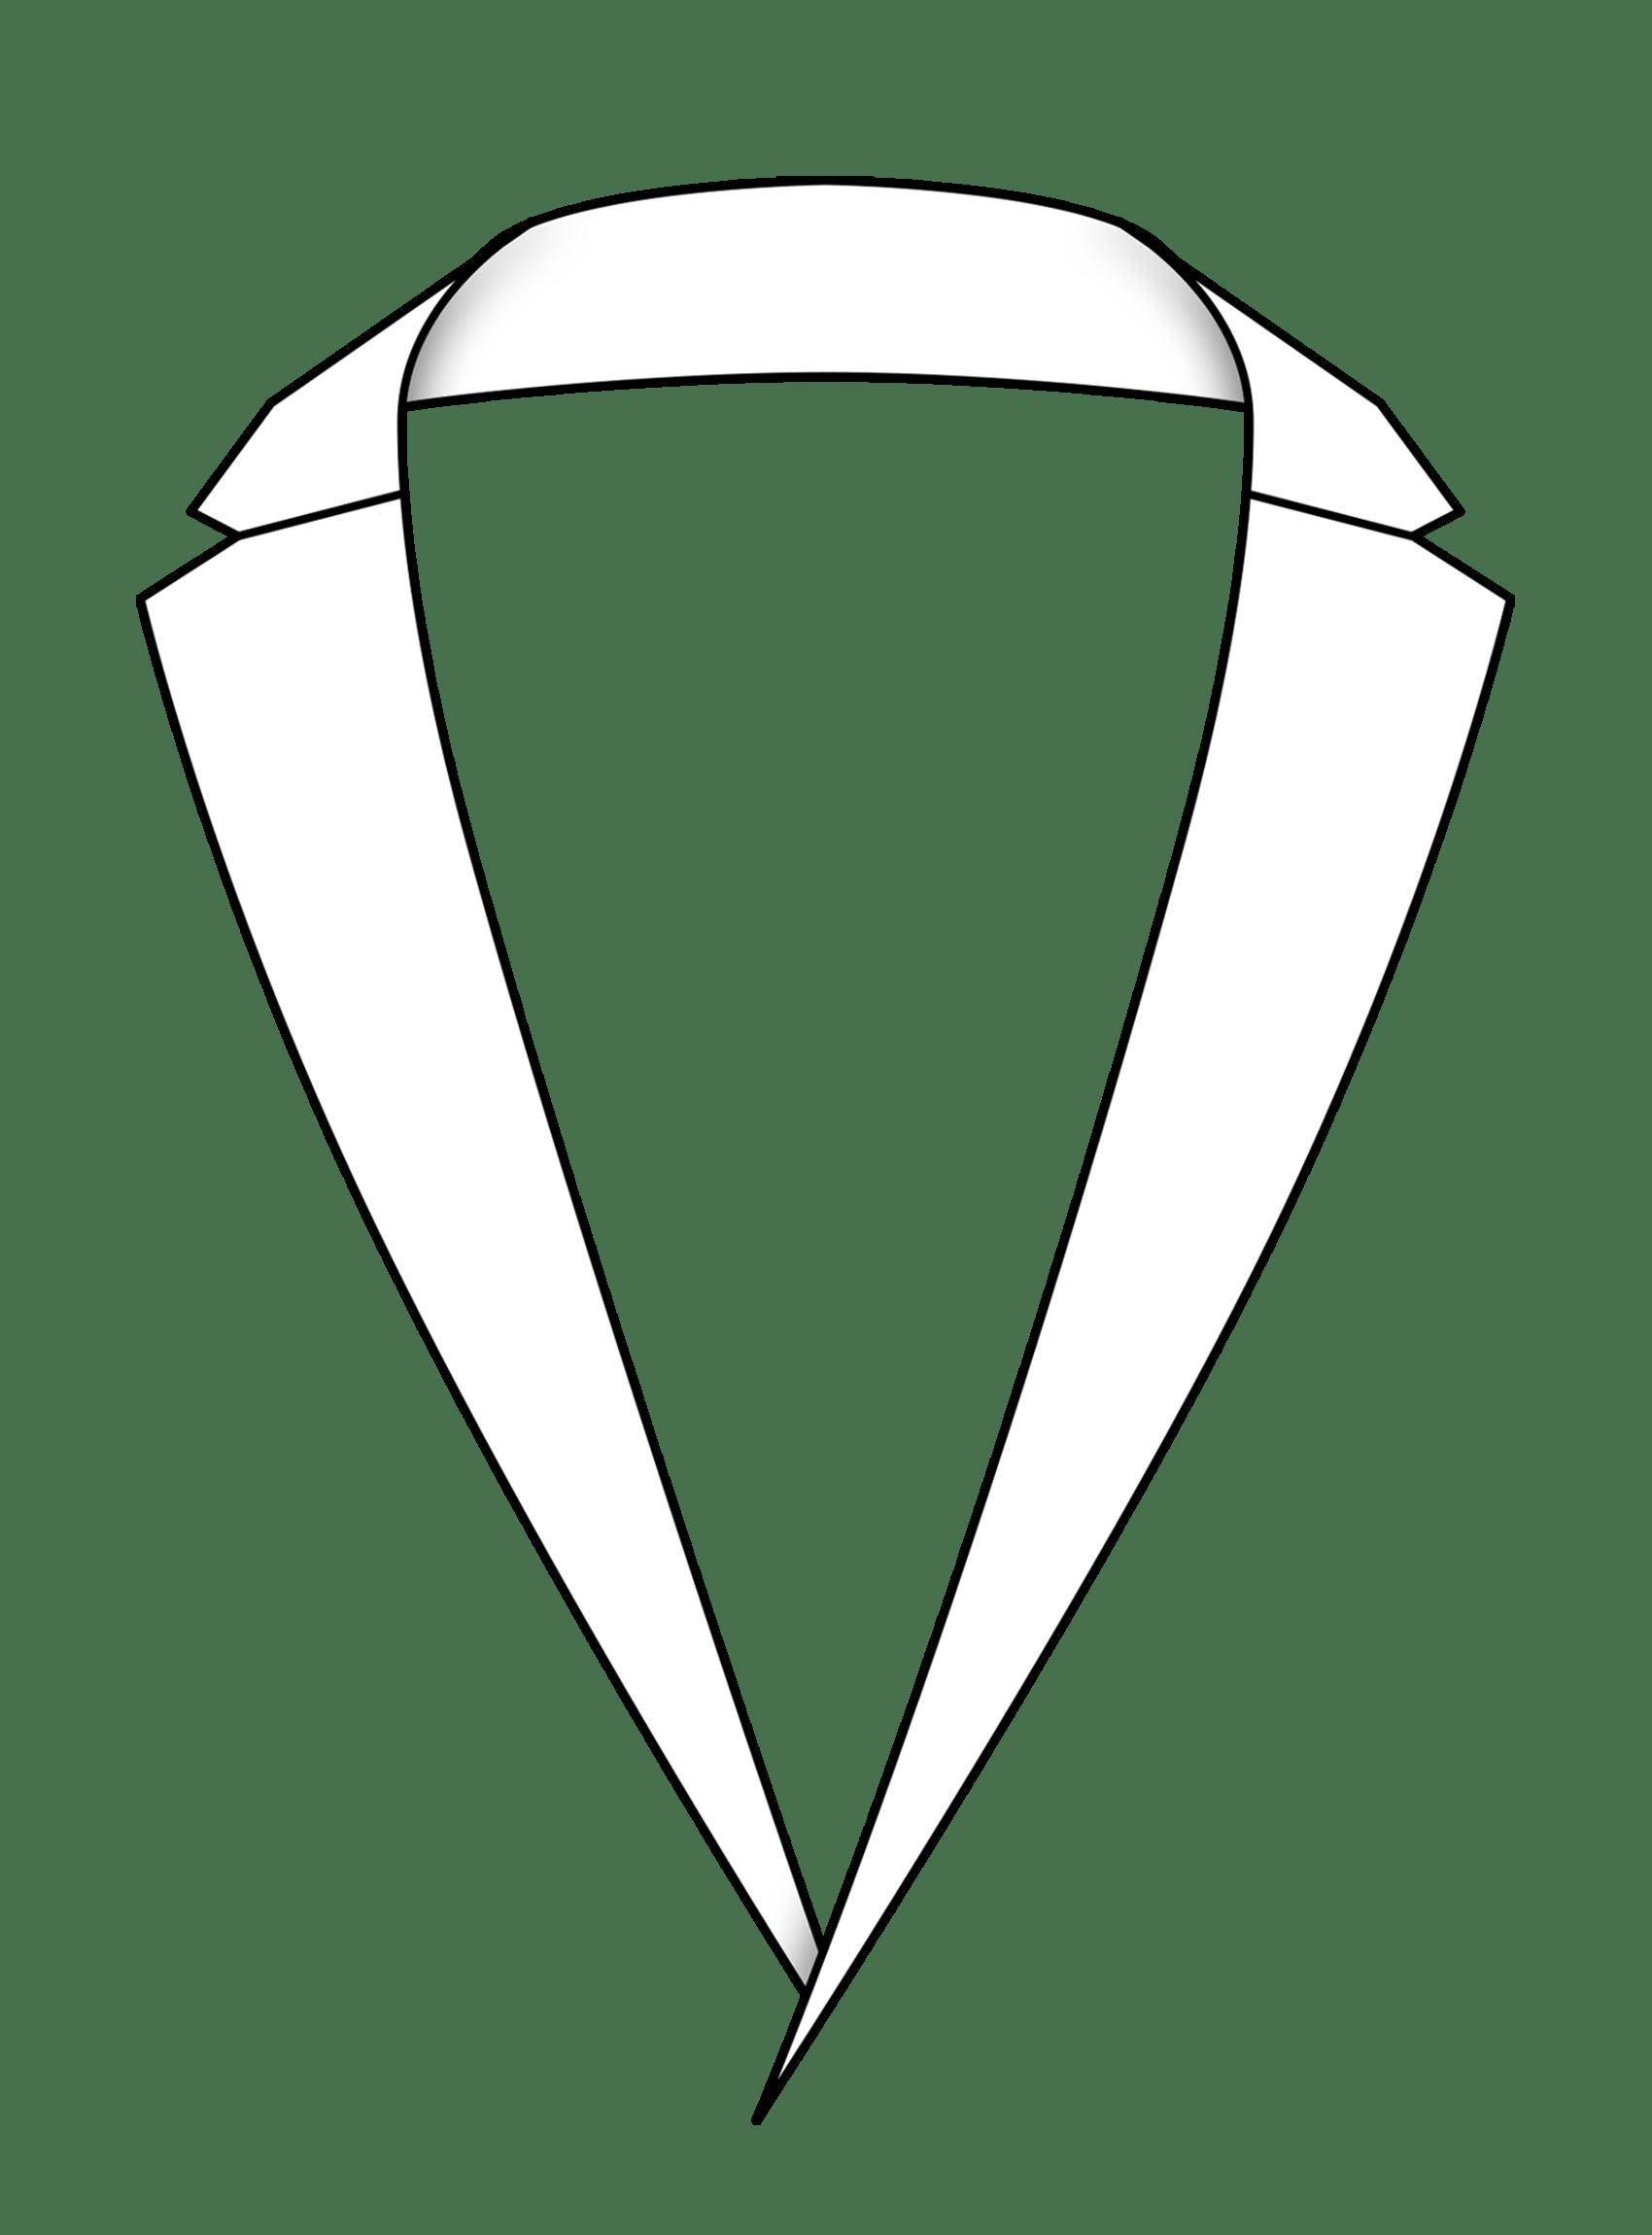 Standard Notch